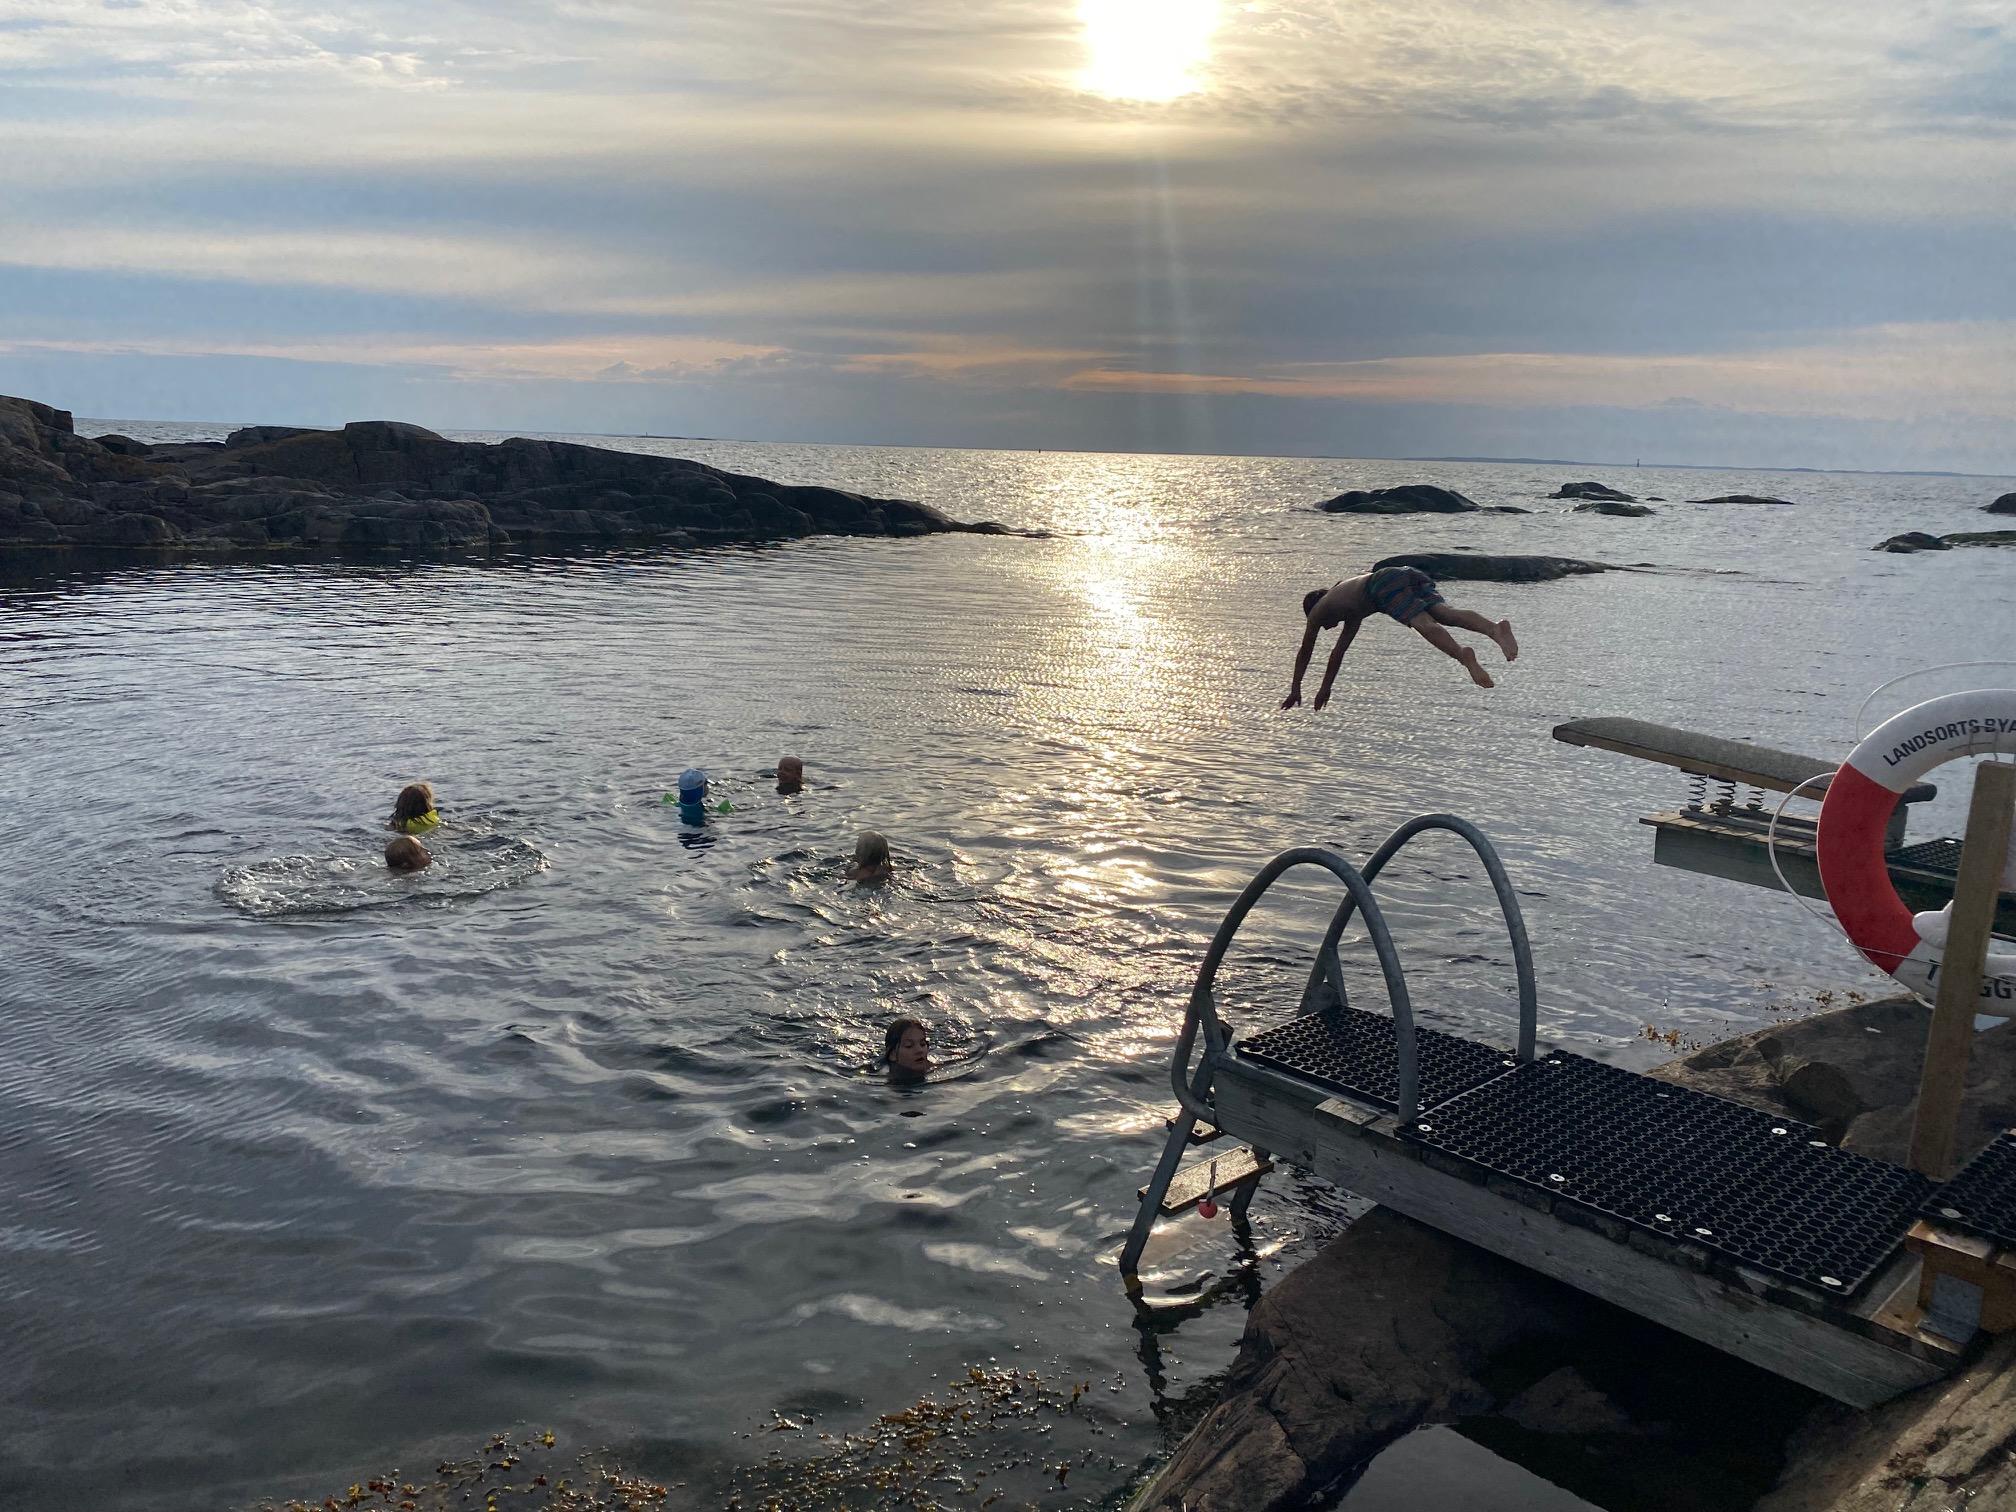 Bad på Landsort sommaren 2021